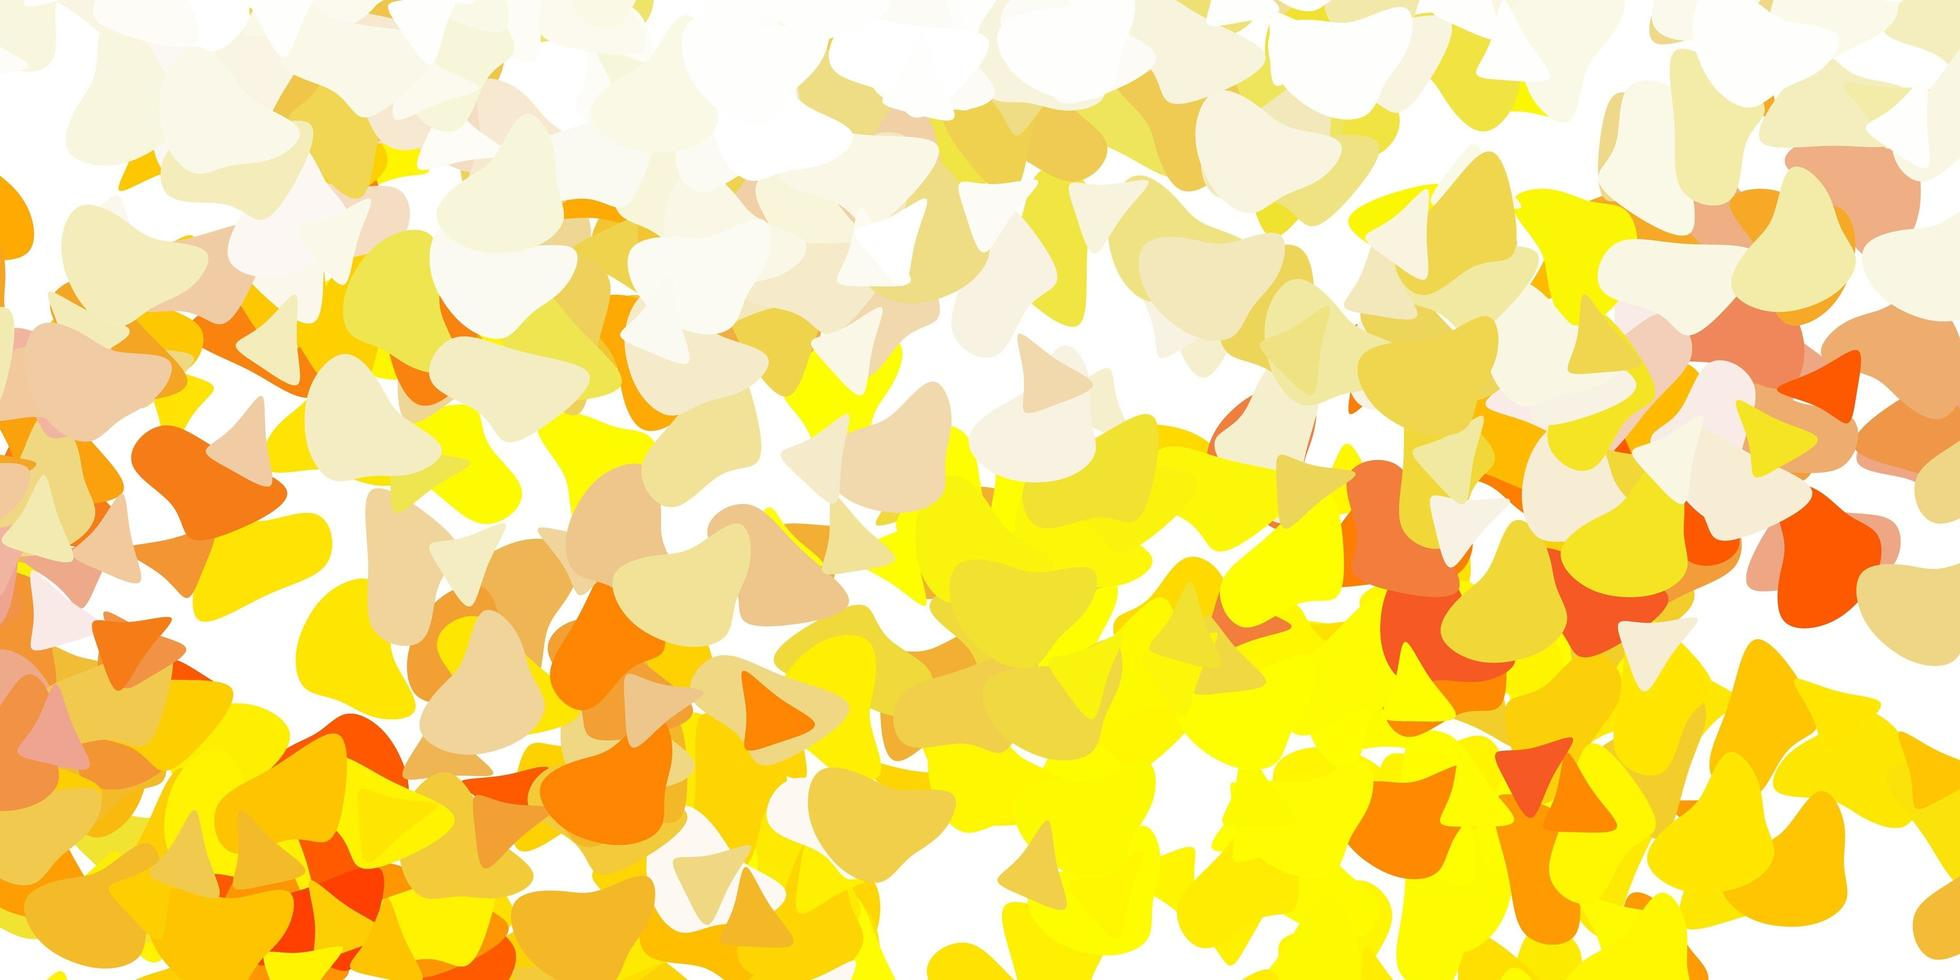 ljusgul bakgrund med kaotiska former. vektor